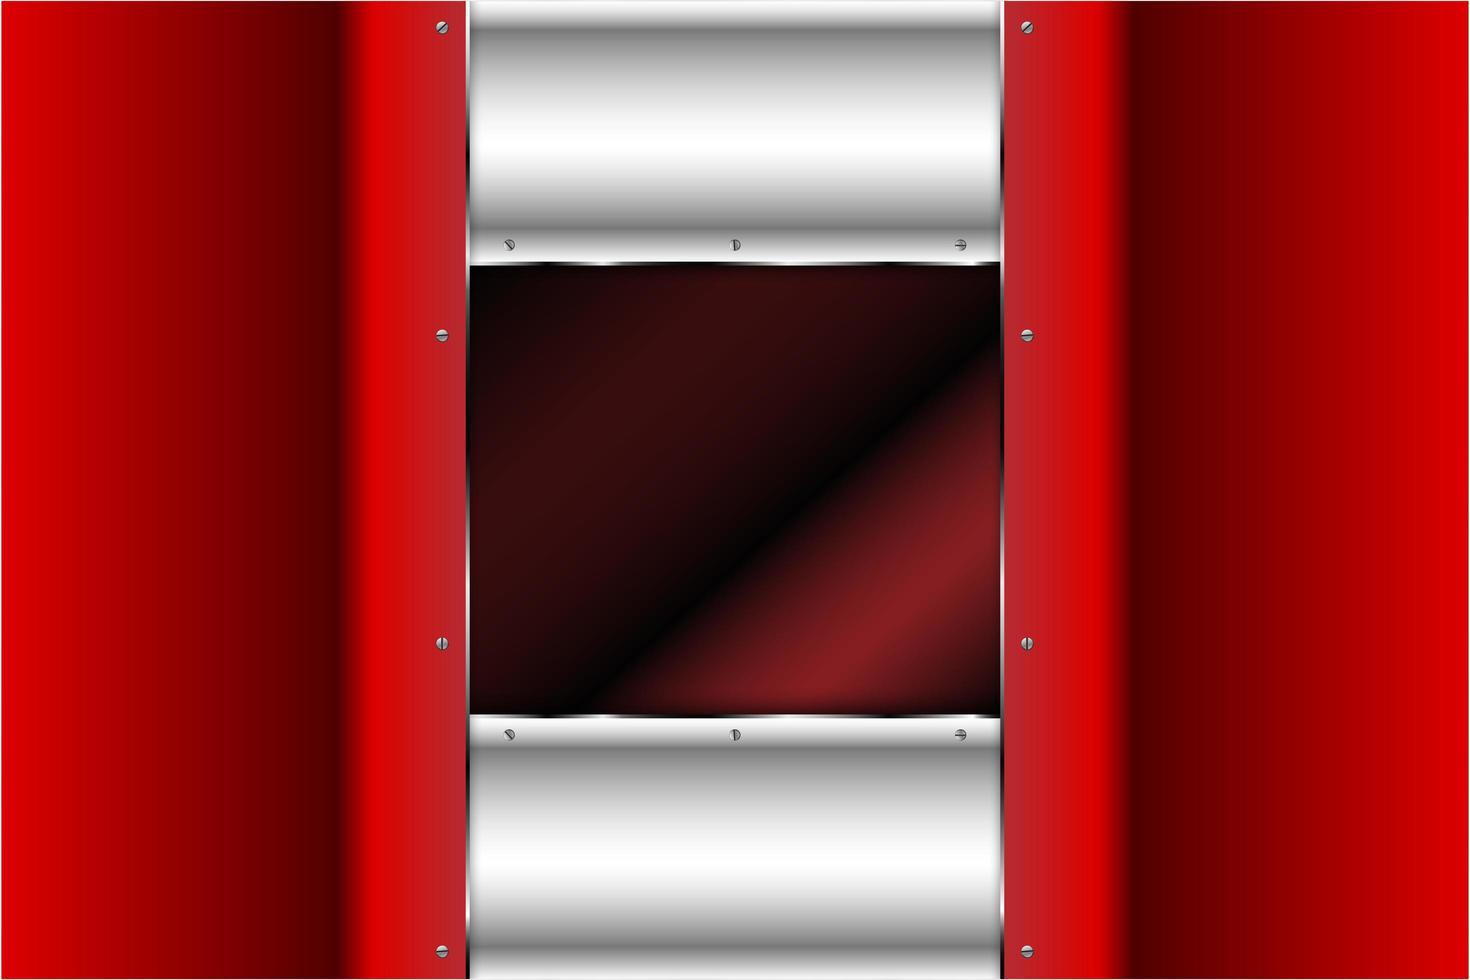 pannelli metallici rossi e argento vettore